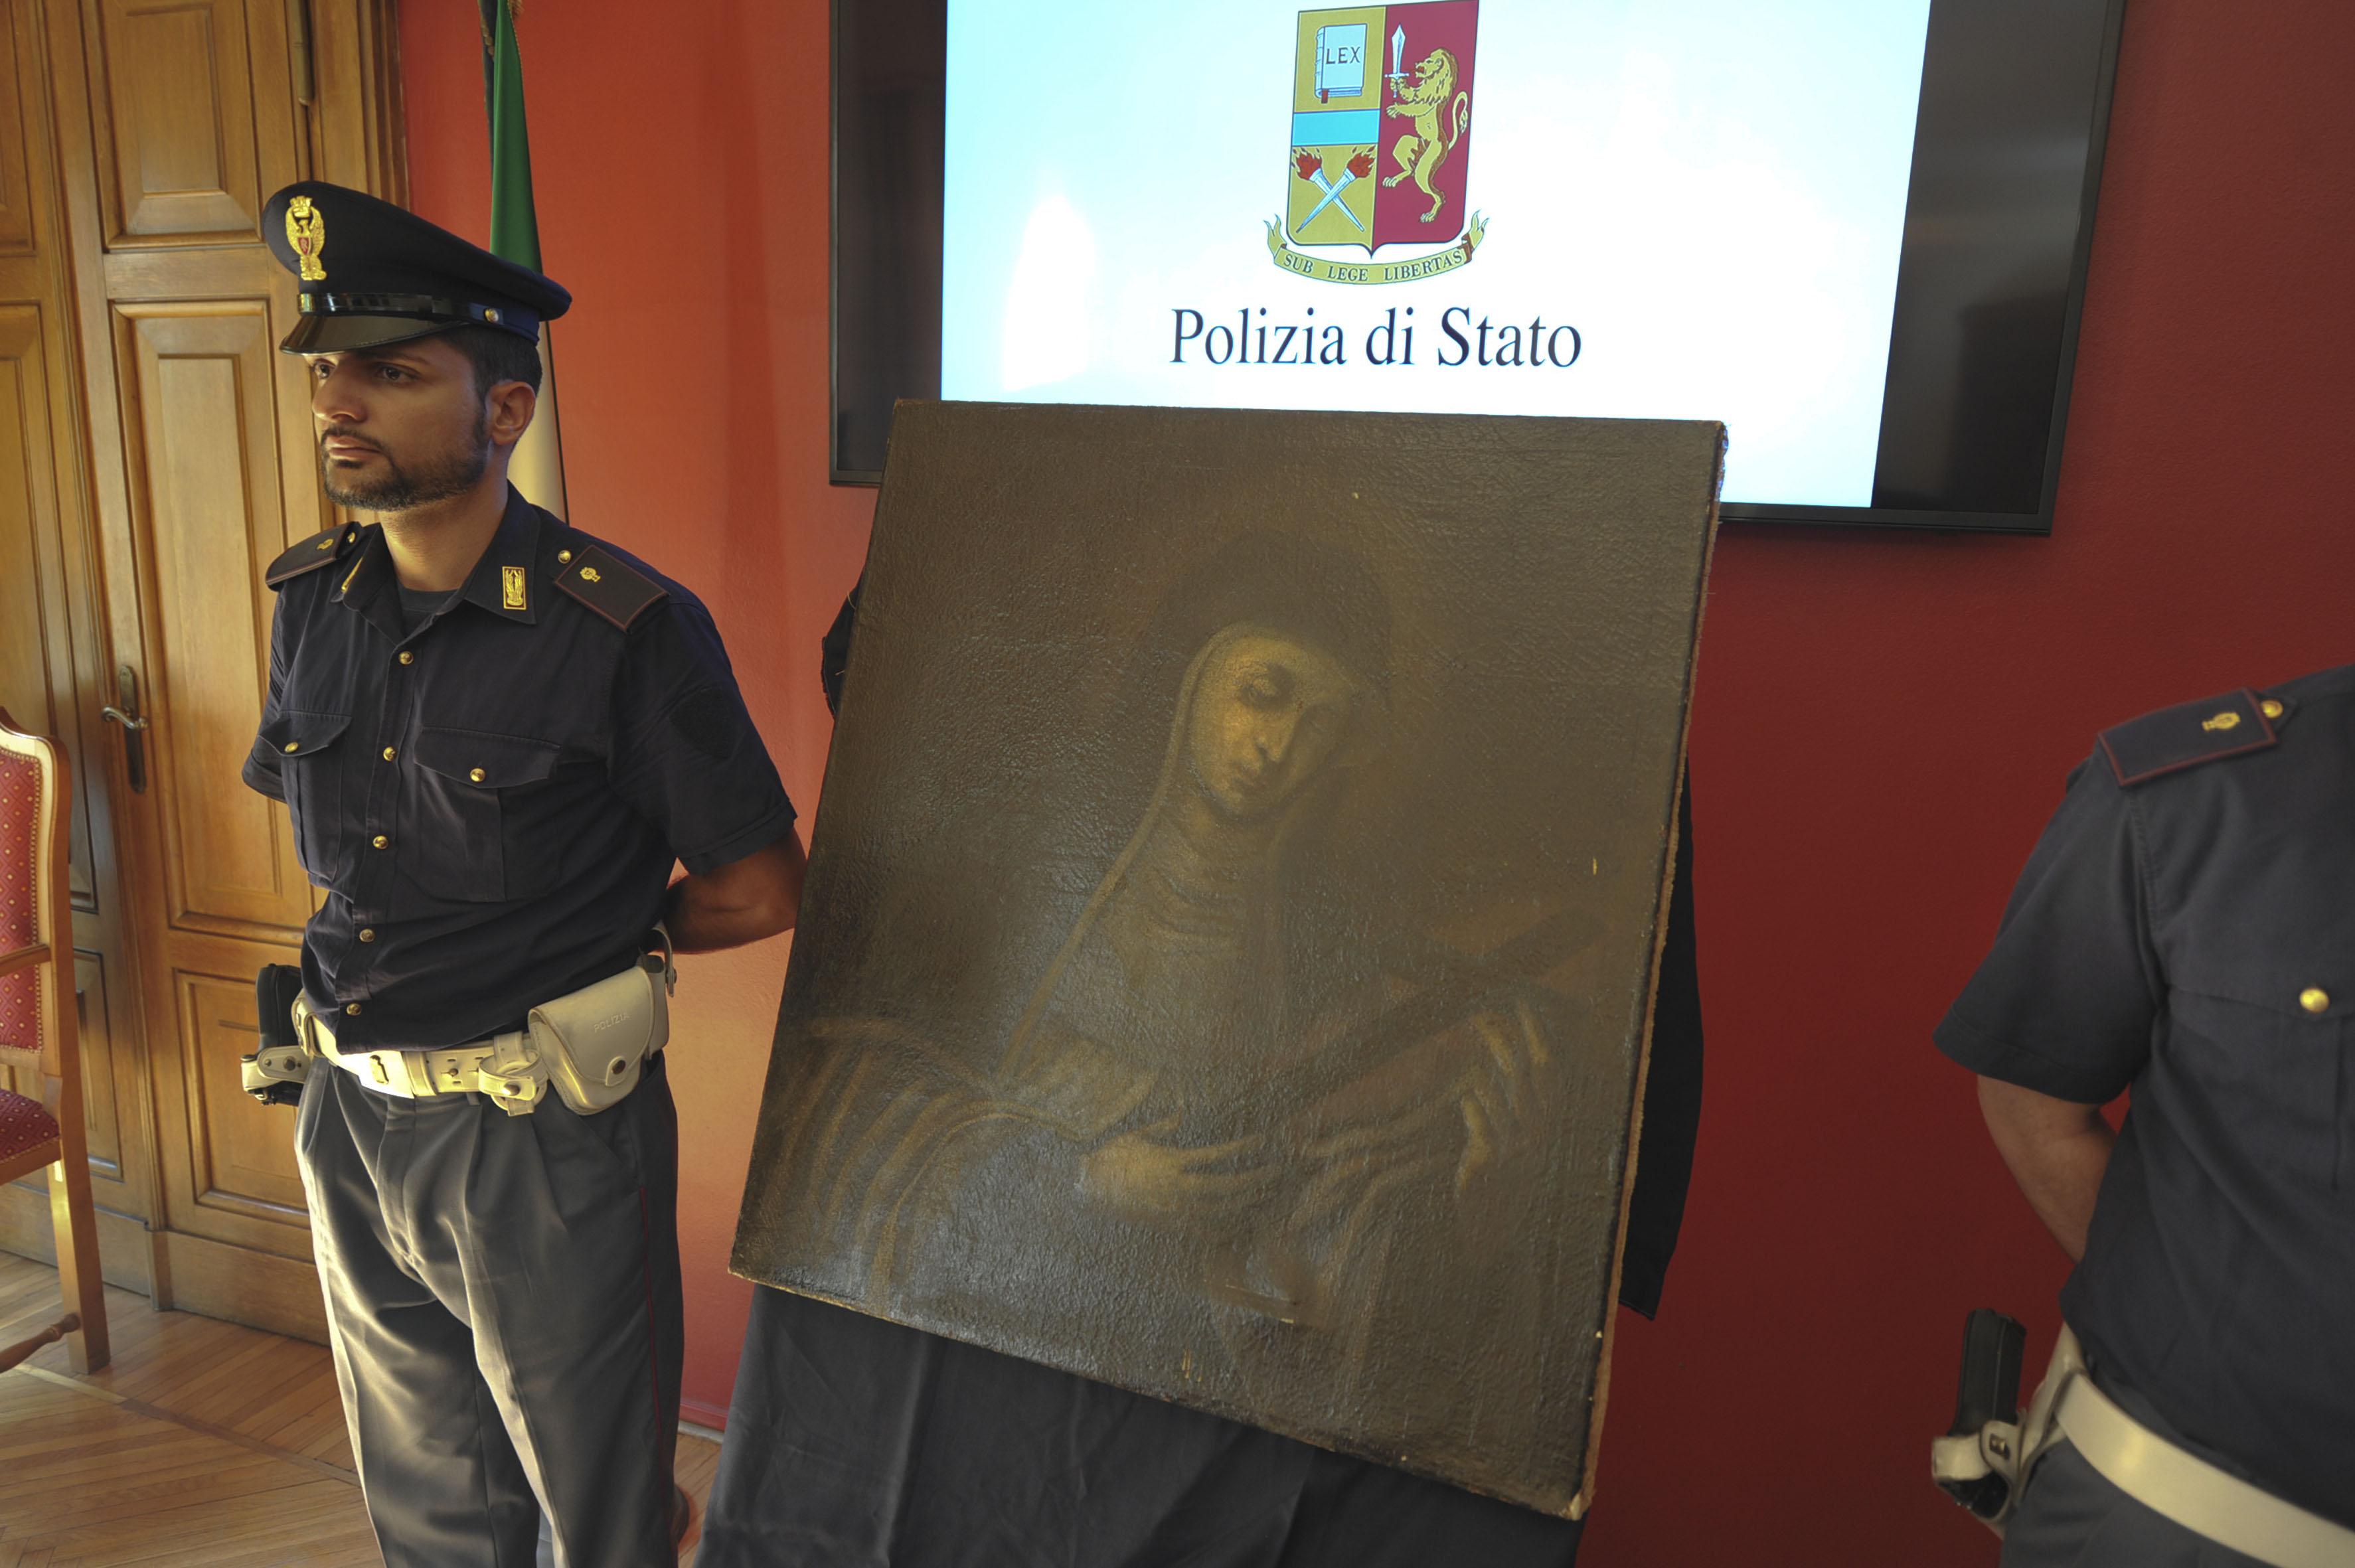 Torino la polizia di stato ha ritrovato un 39 opera d 39 arte for Polizia di stato torino permesso di soggiorno